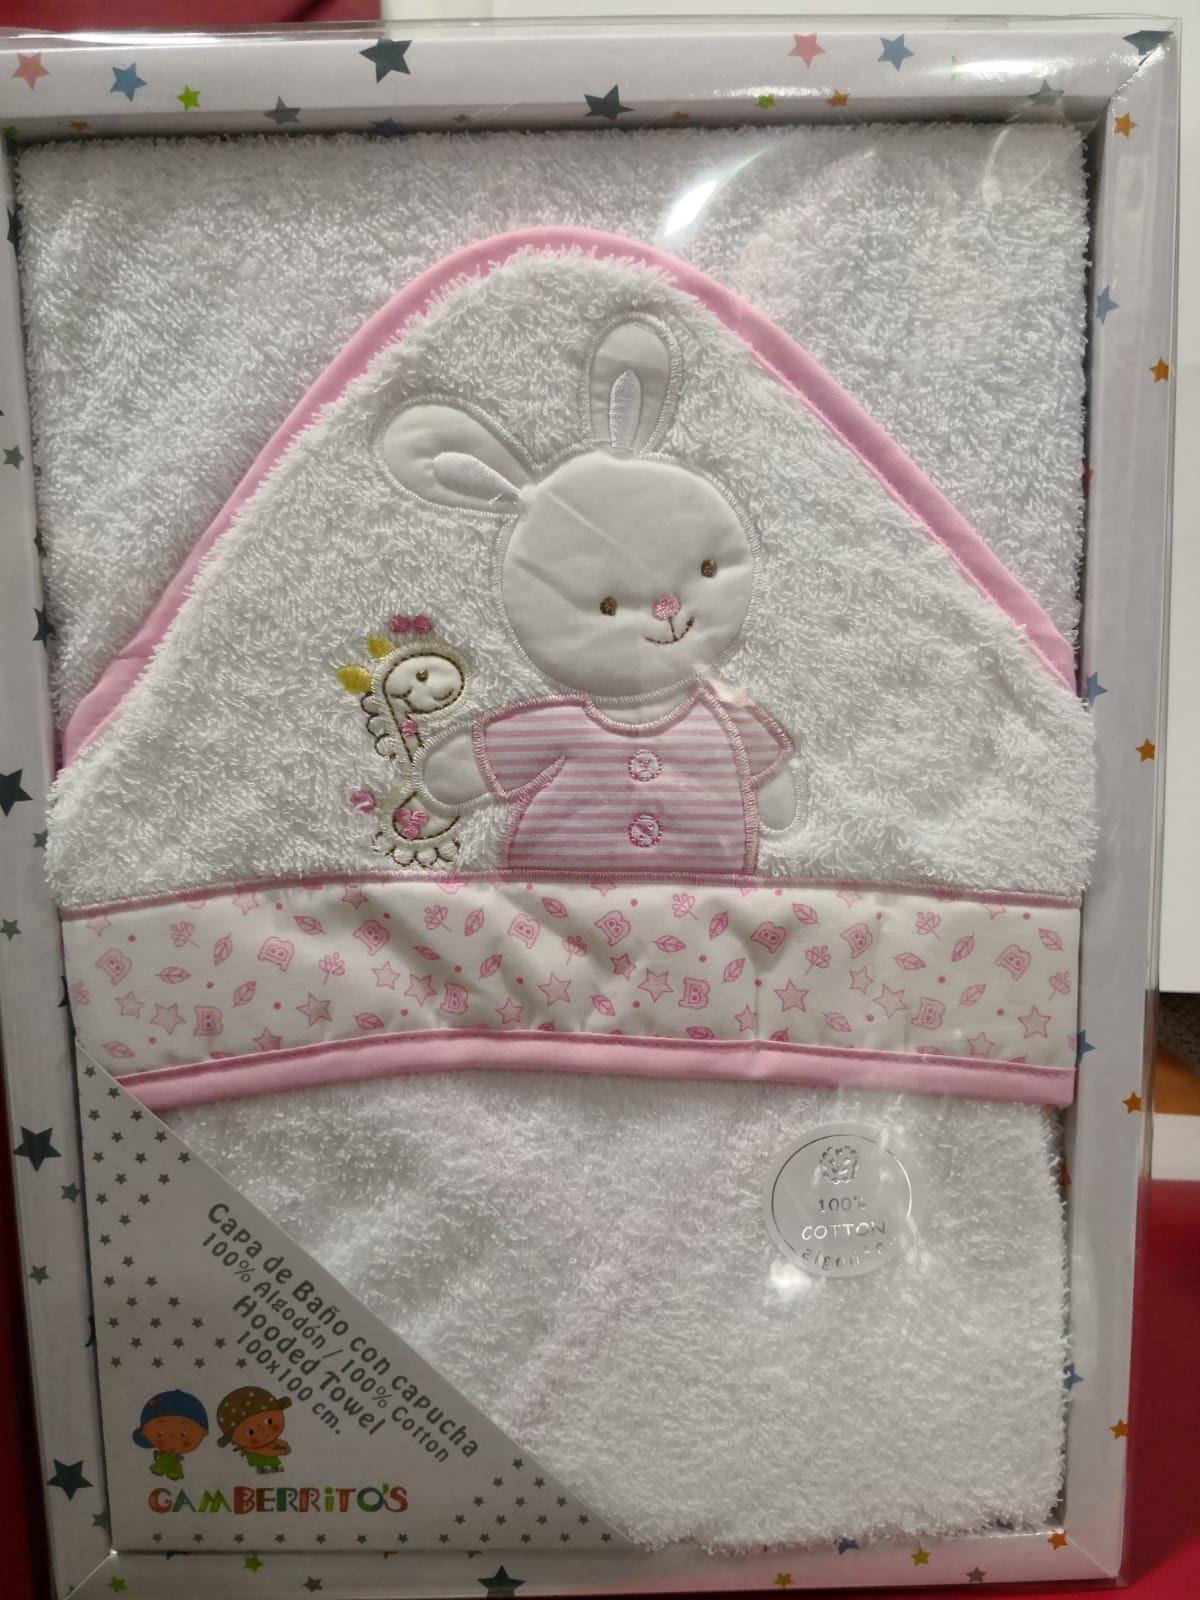 Capa de Baño Conejo Rosa